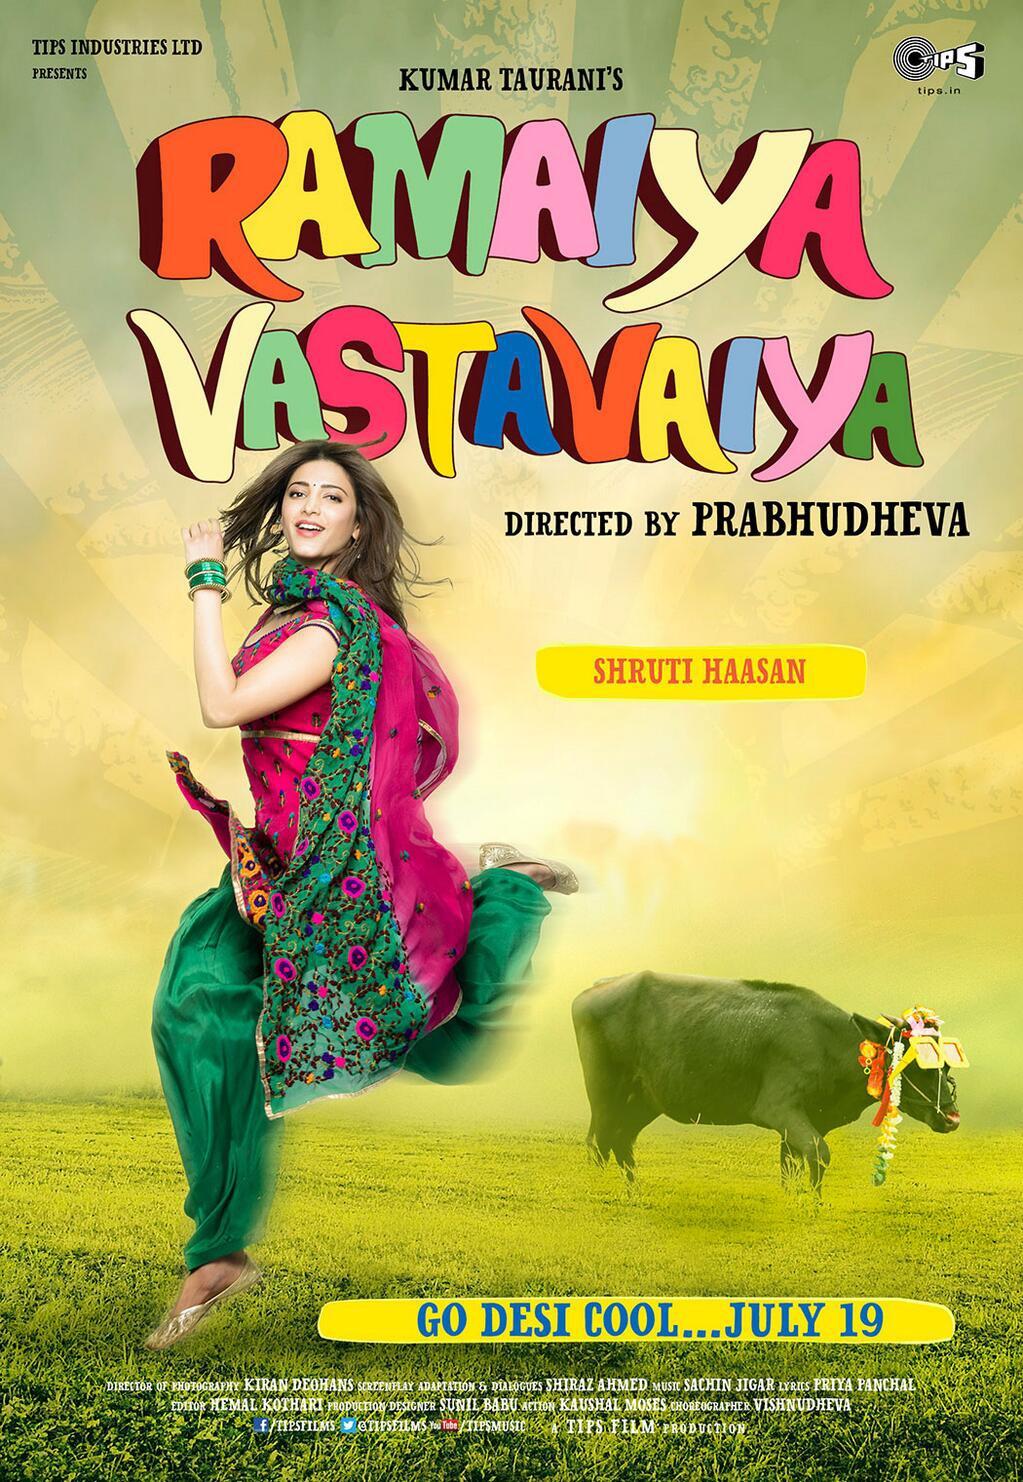 Ramaiya Vastavaiya - Movie Poster #13 (Original)